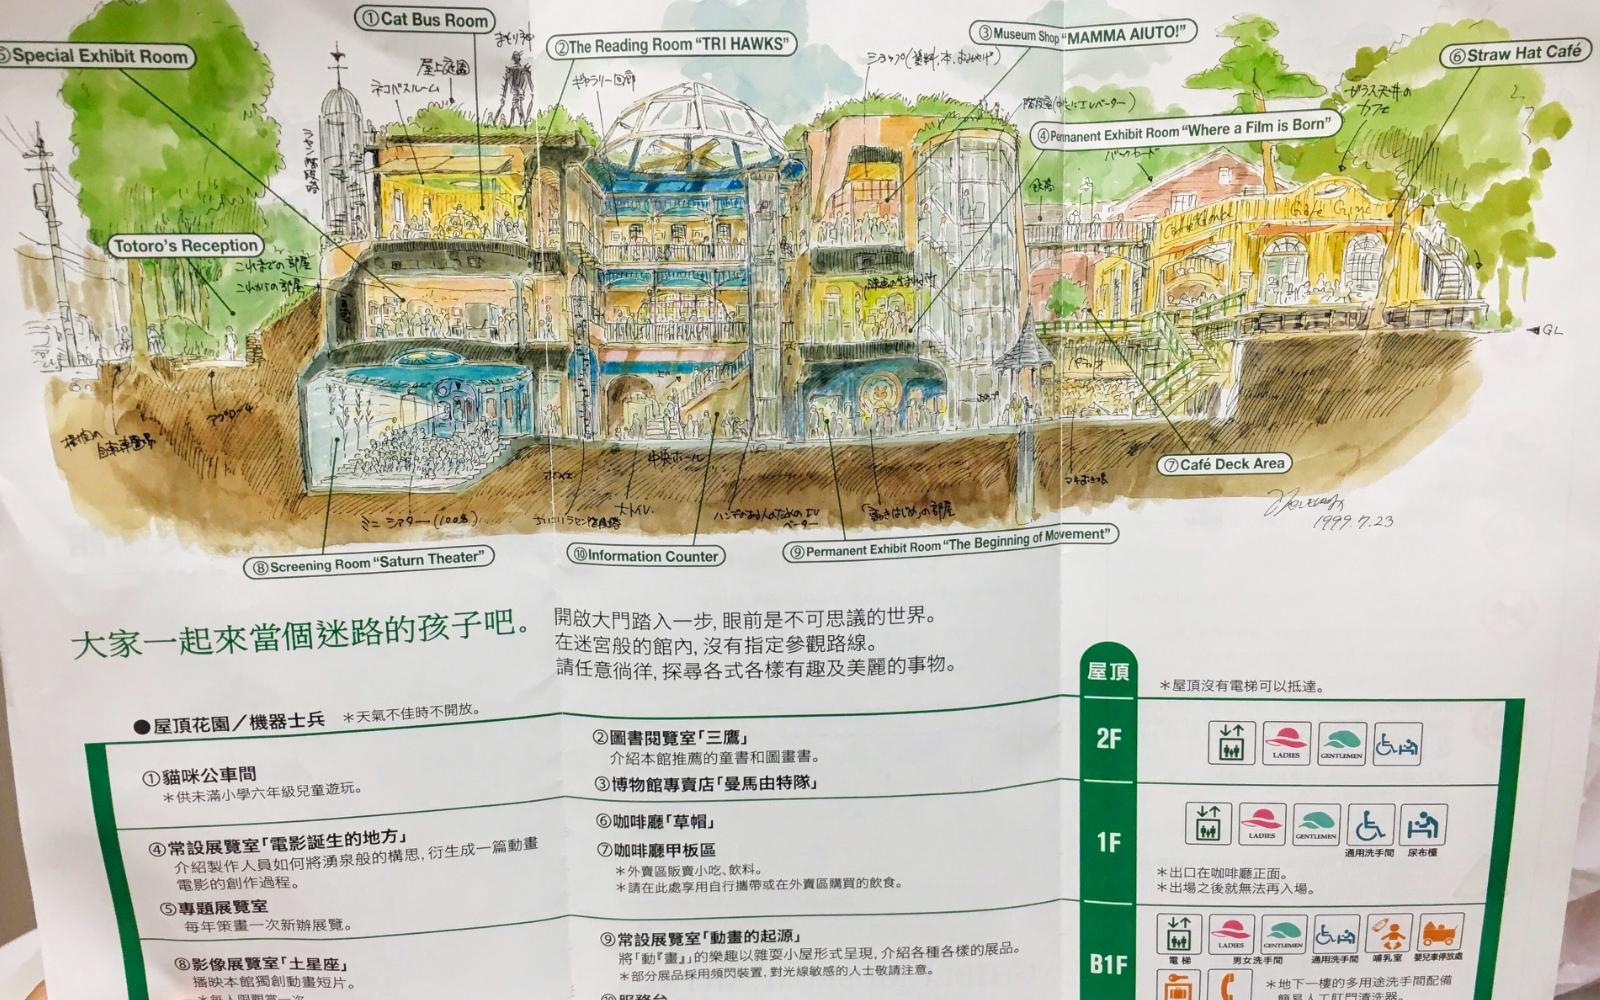 Museum Map - Exploring the Studio Ghibli Museum